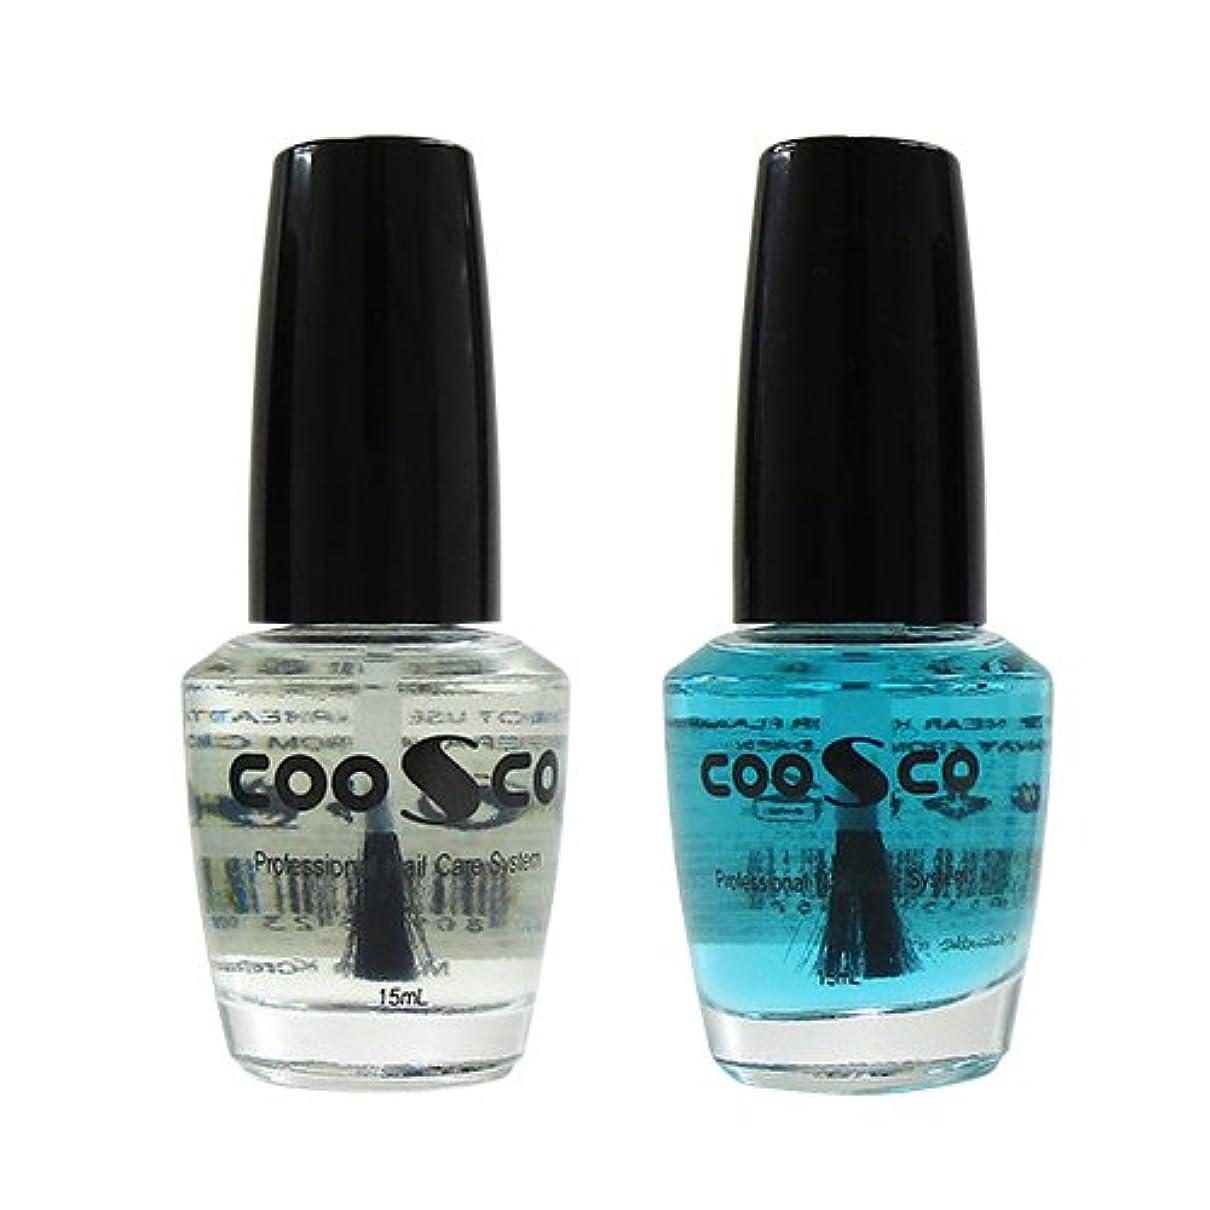 アウター線意図チェスネイル用 CCトップコート×3個セット ※カラーは当店おまかせ! (COOSCO Professional Nail Care System CC Top Coat) 15mL